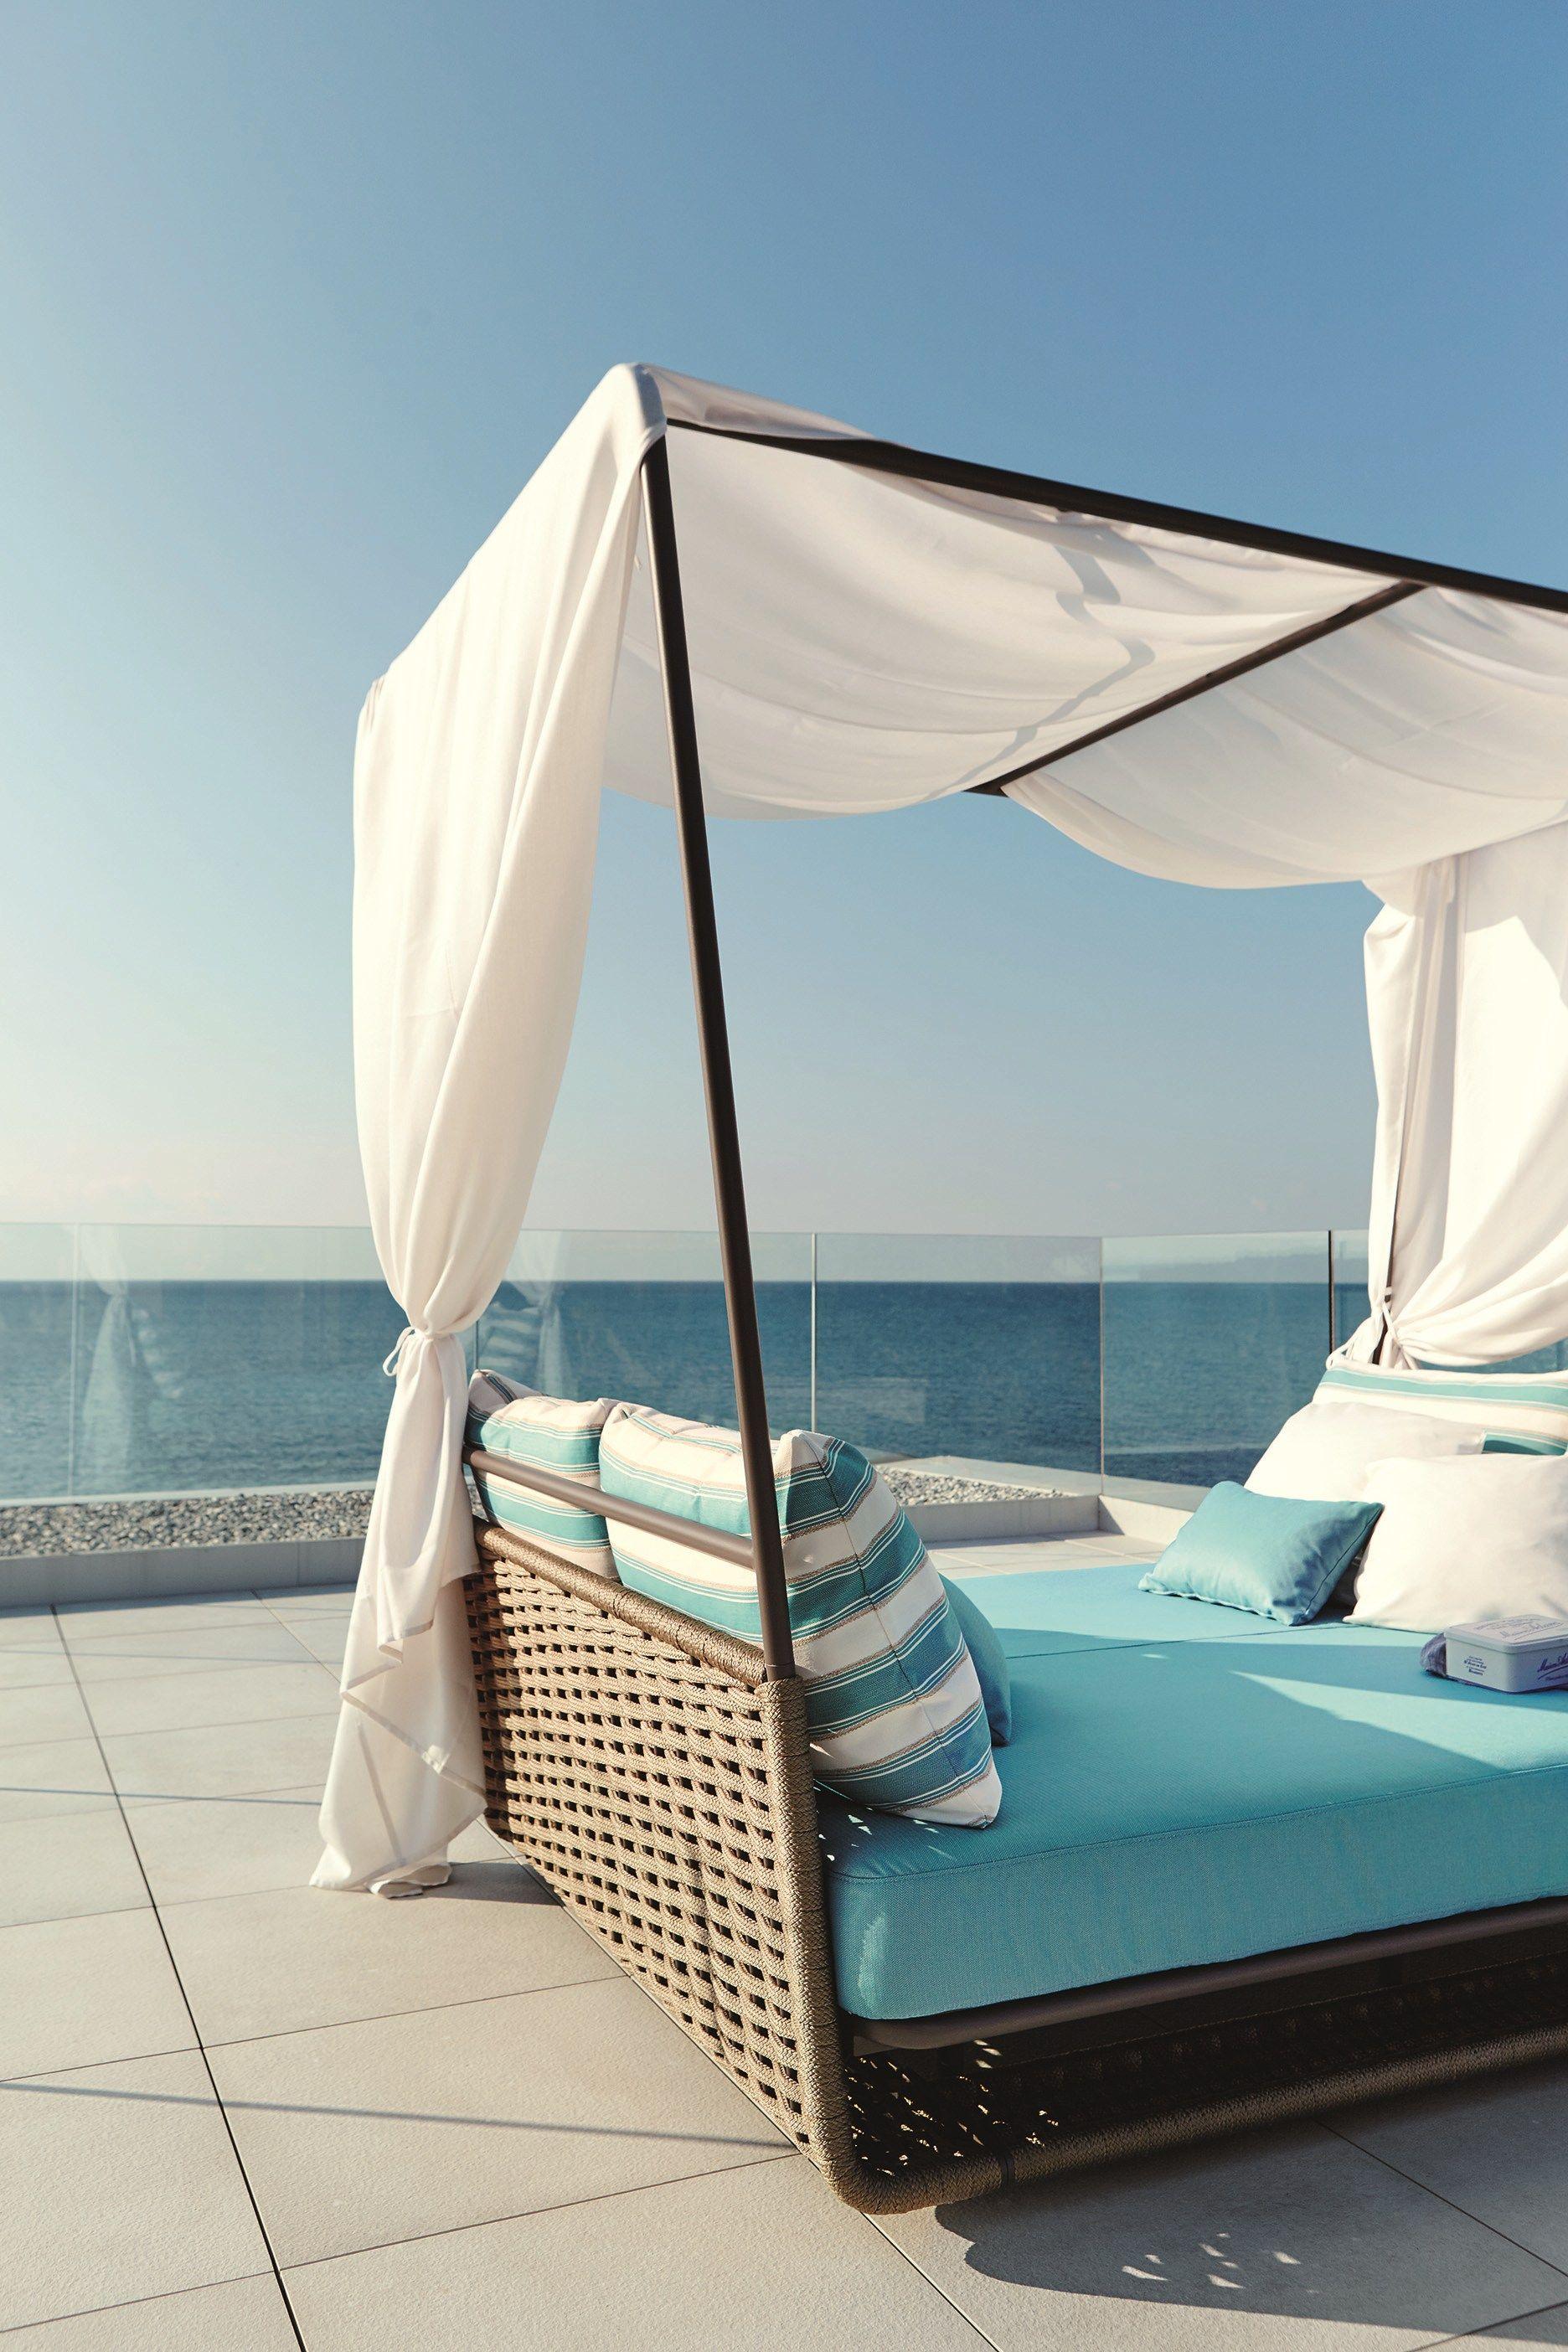 Portofino letto da giardino by roberti rattan design - Letto da giardino ...